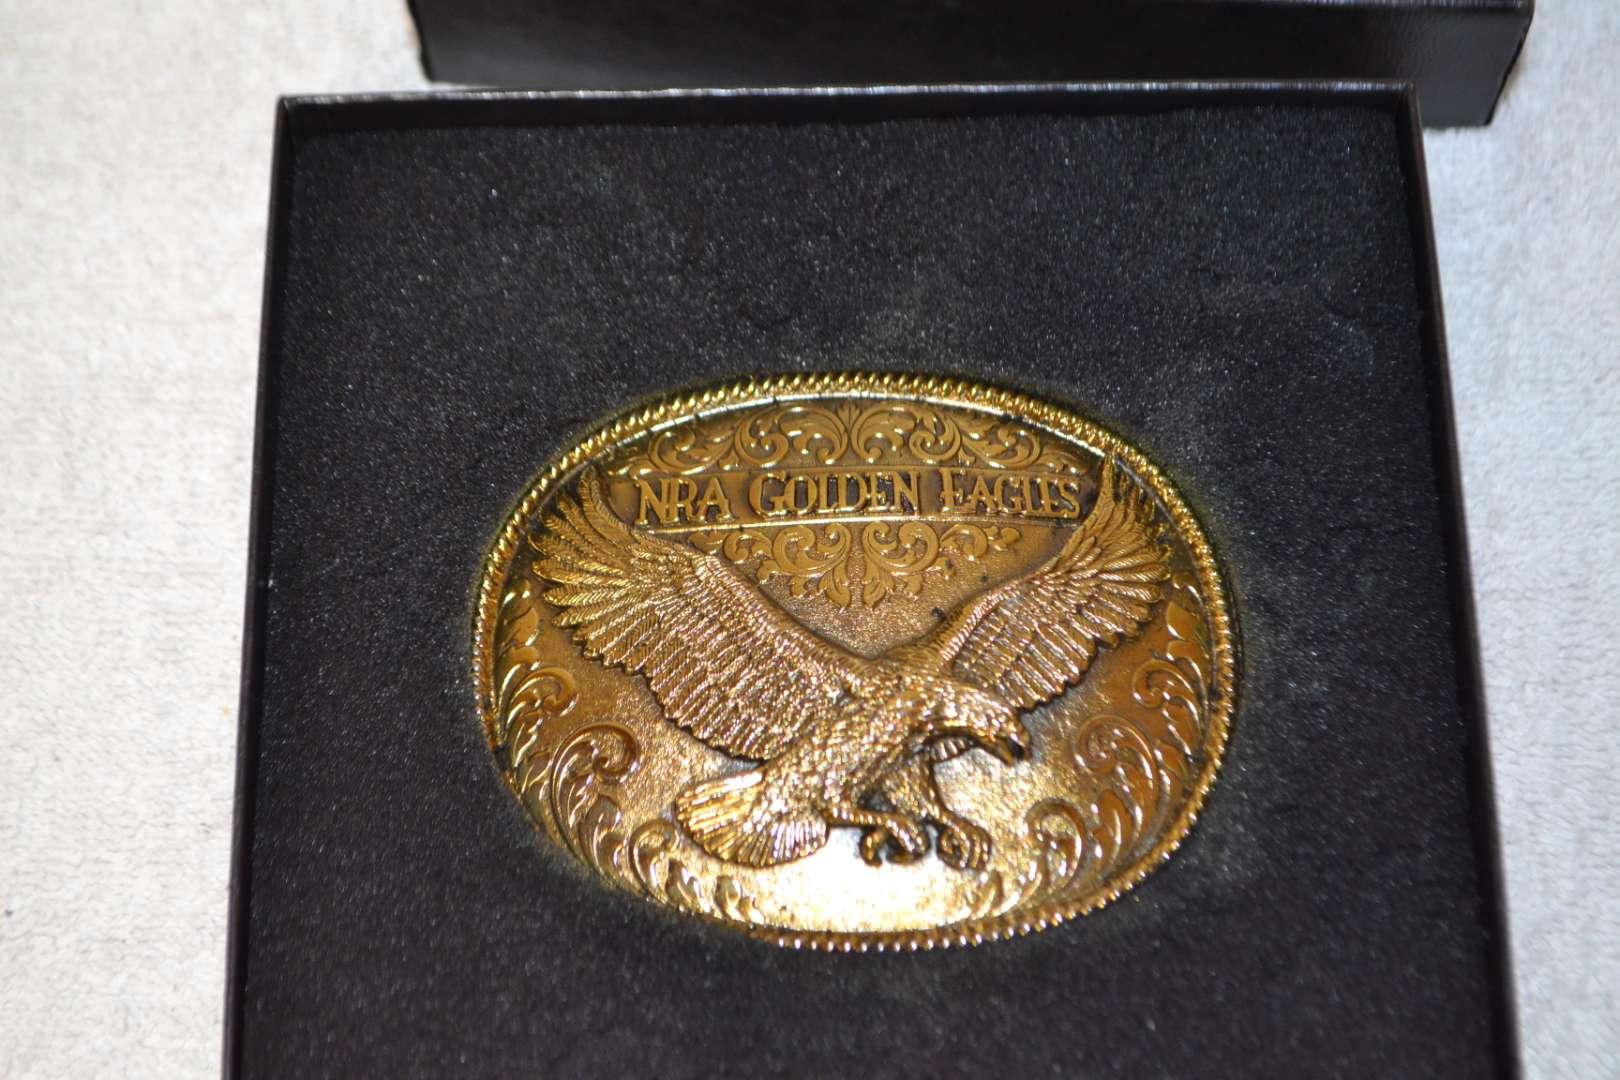 Lot # 172 NRA GOLDEN EAGLE BELT BUCKLE